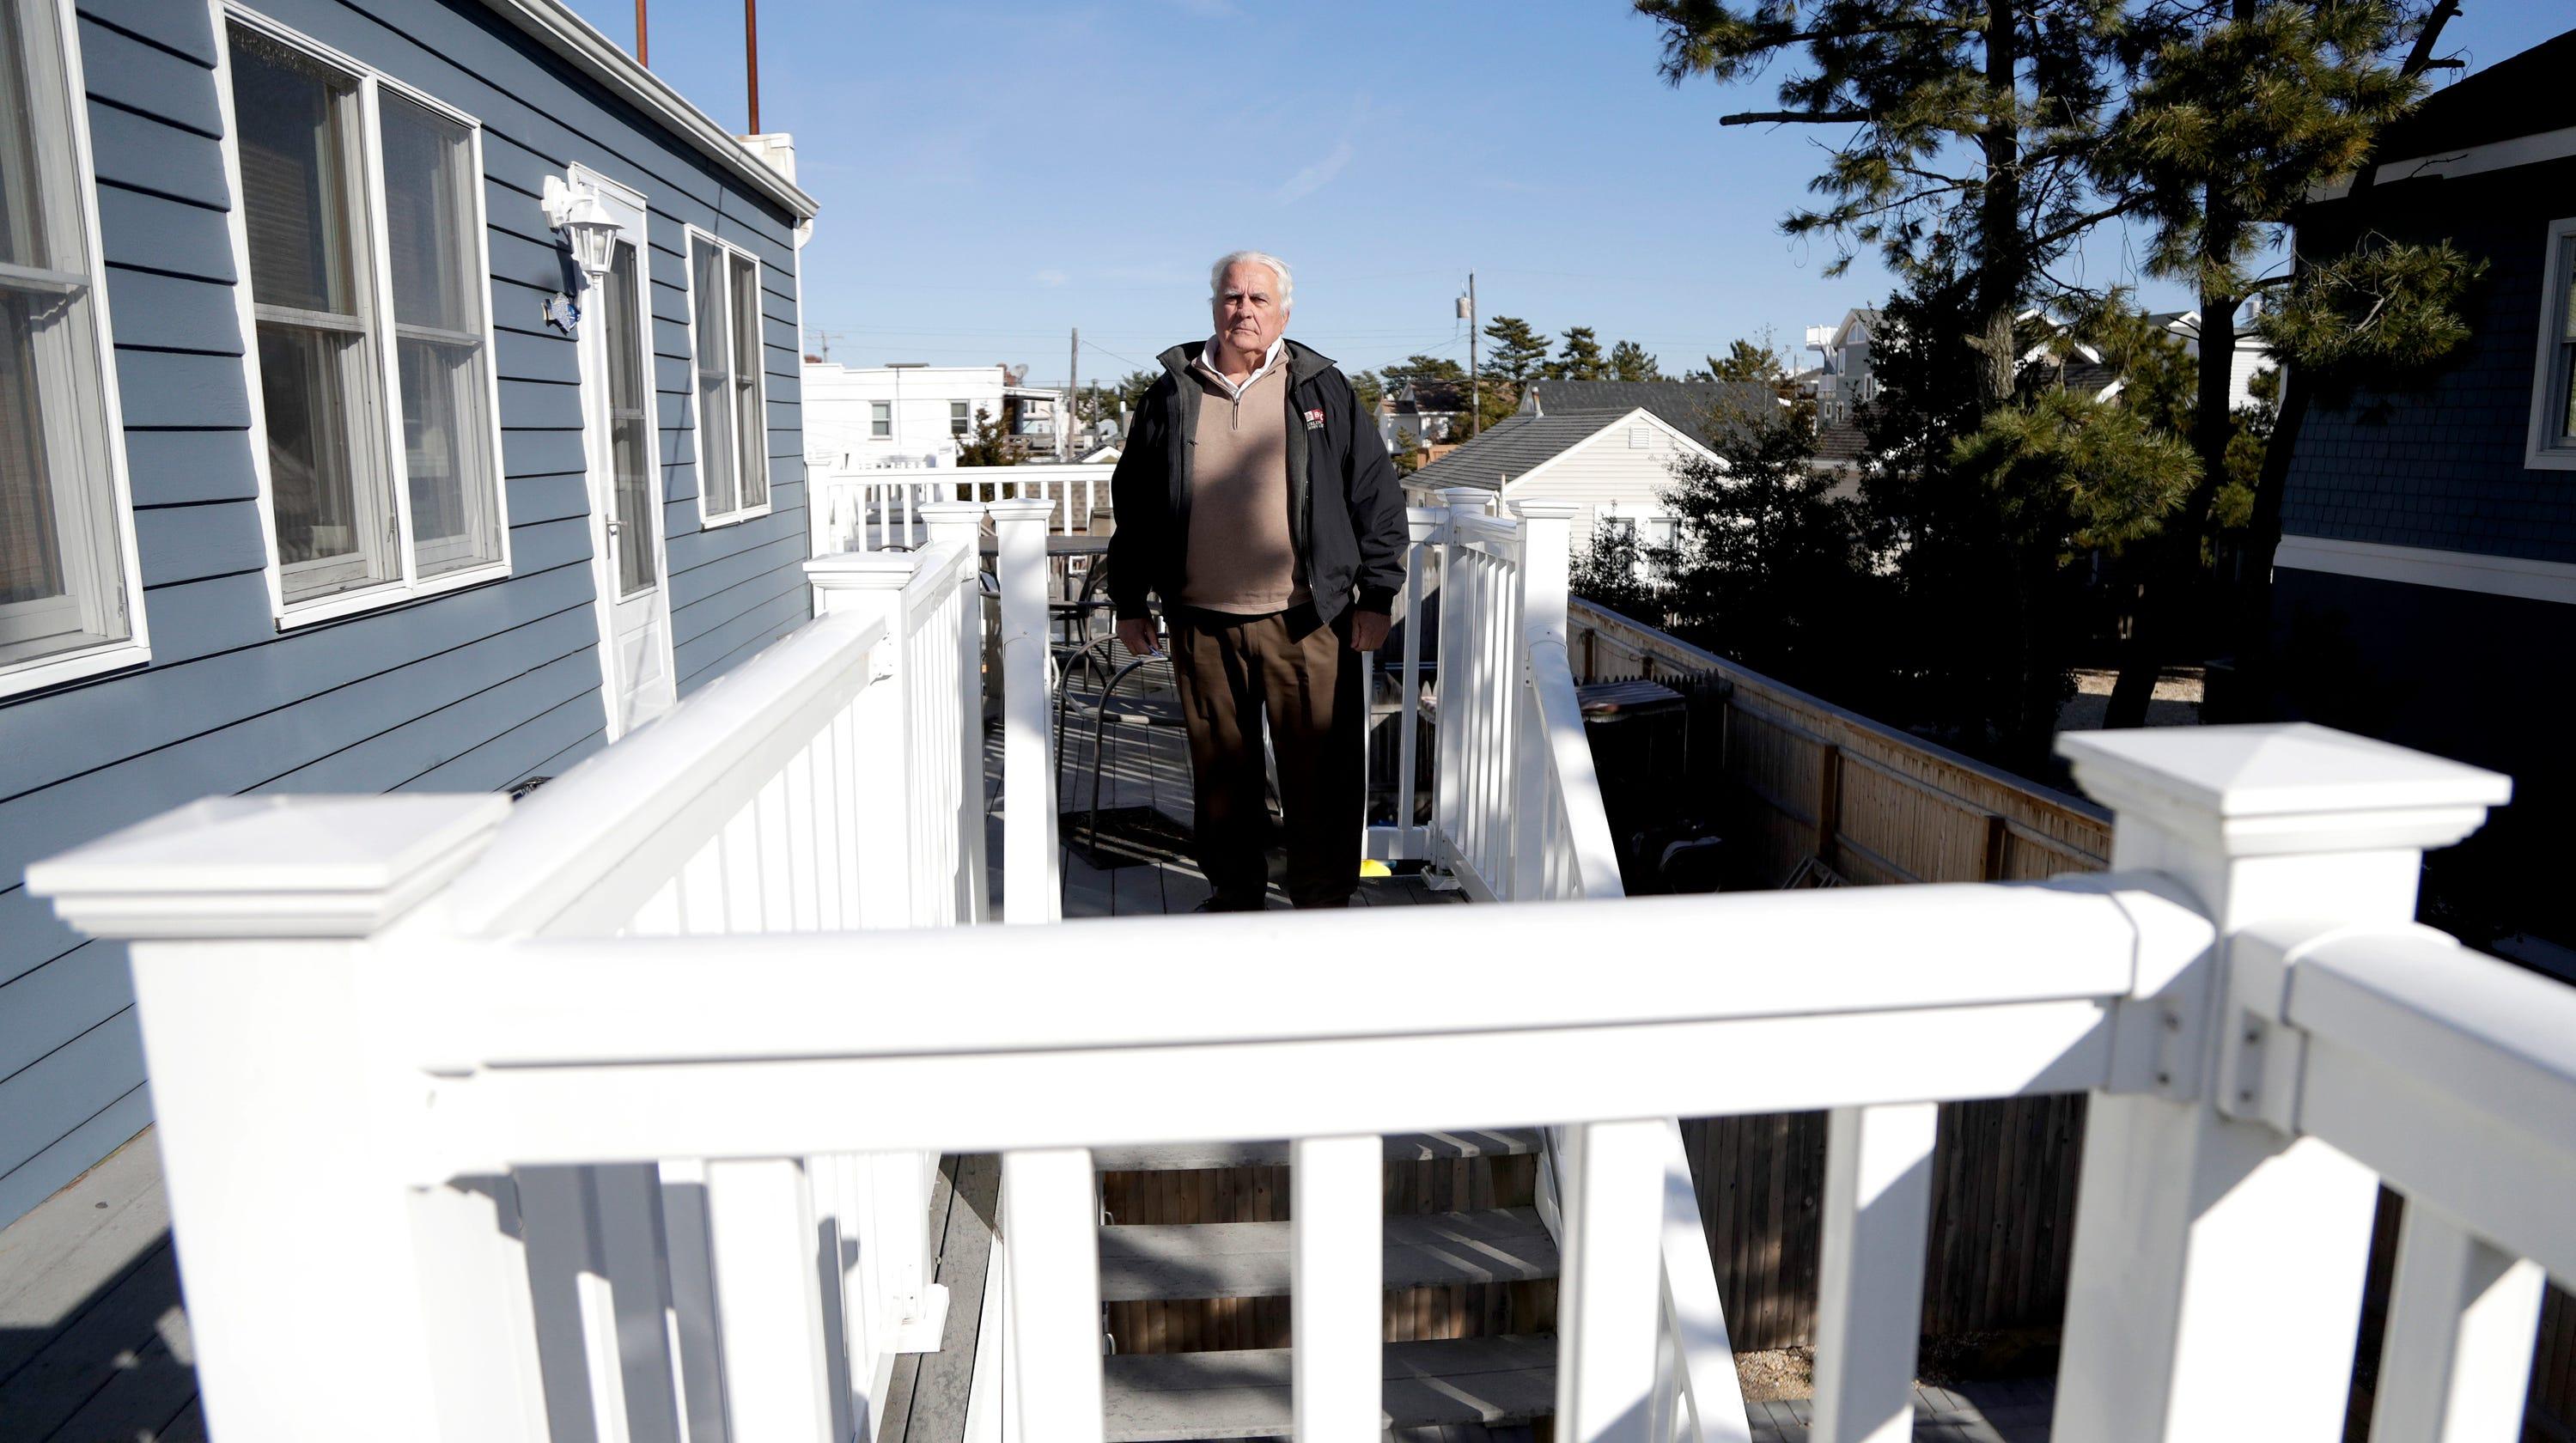 New NJ rental tax worries Shore renters, homeowners